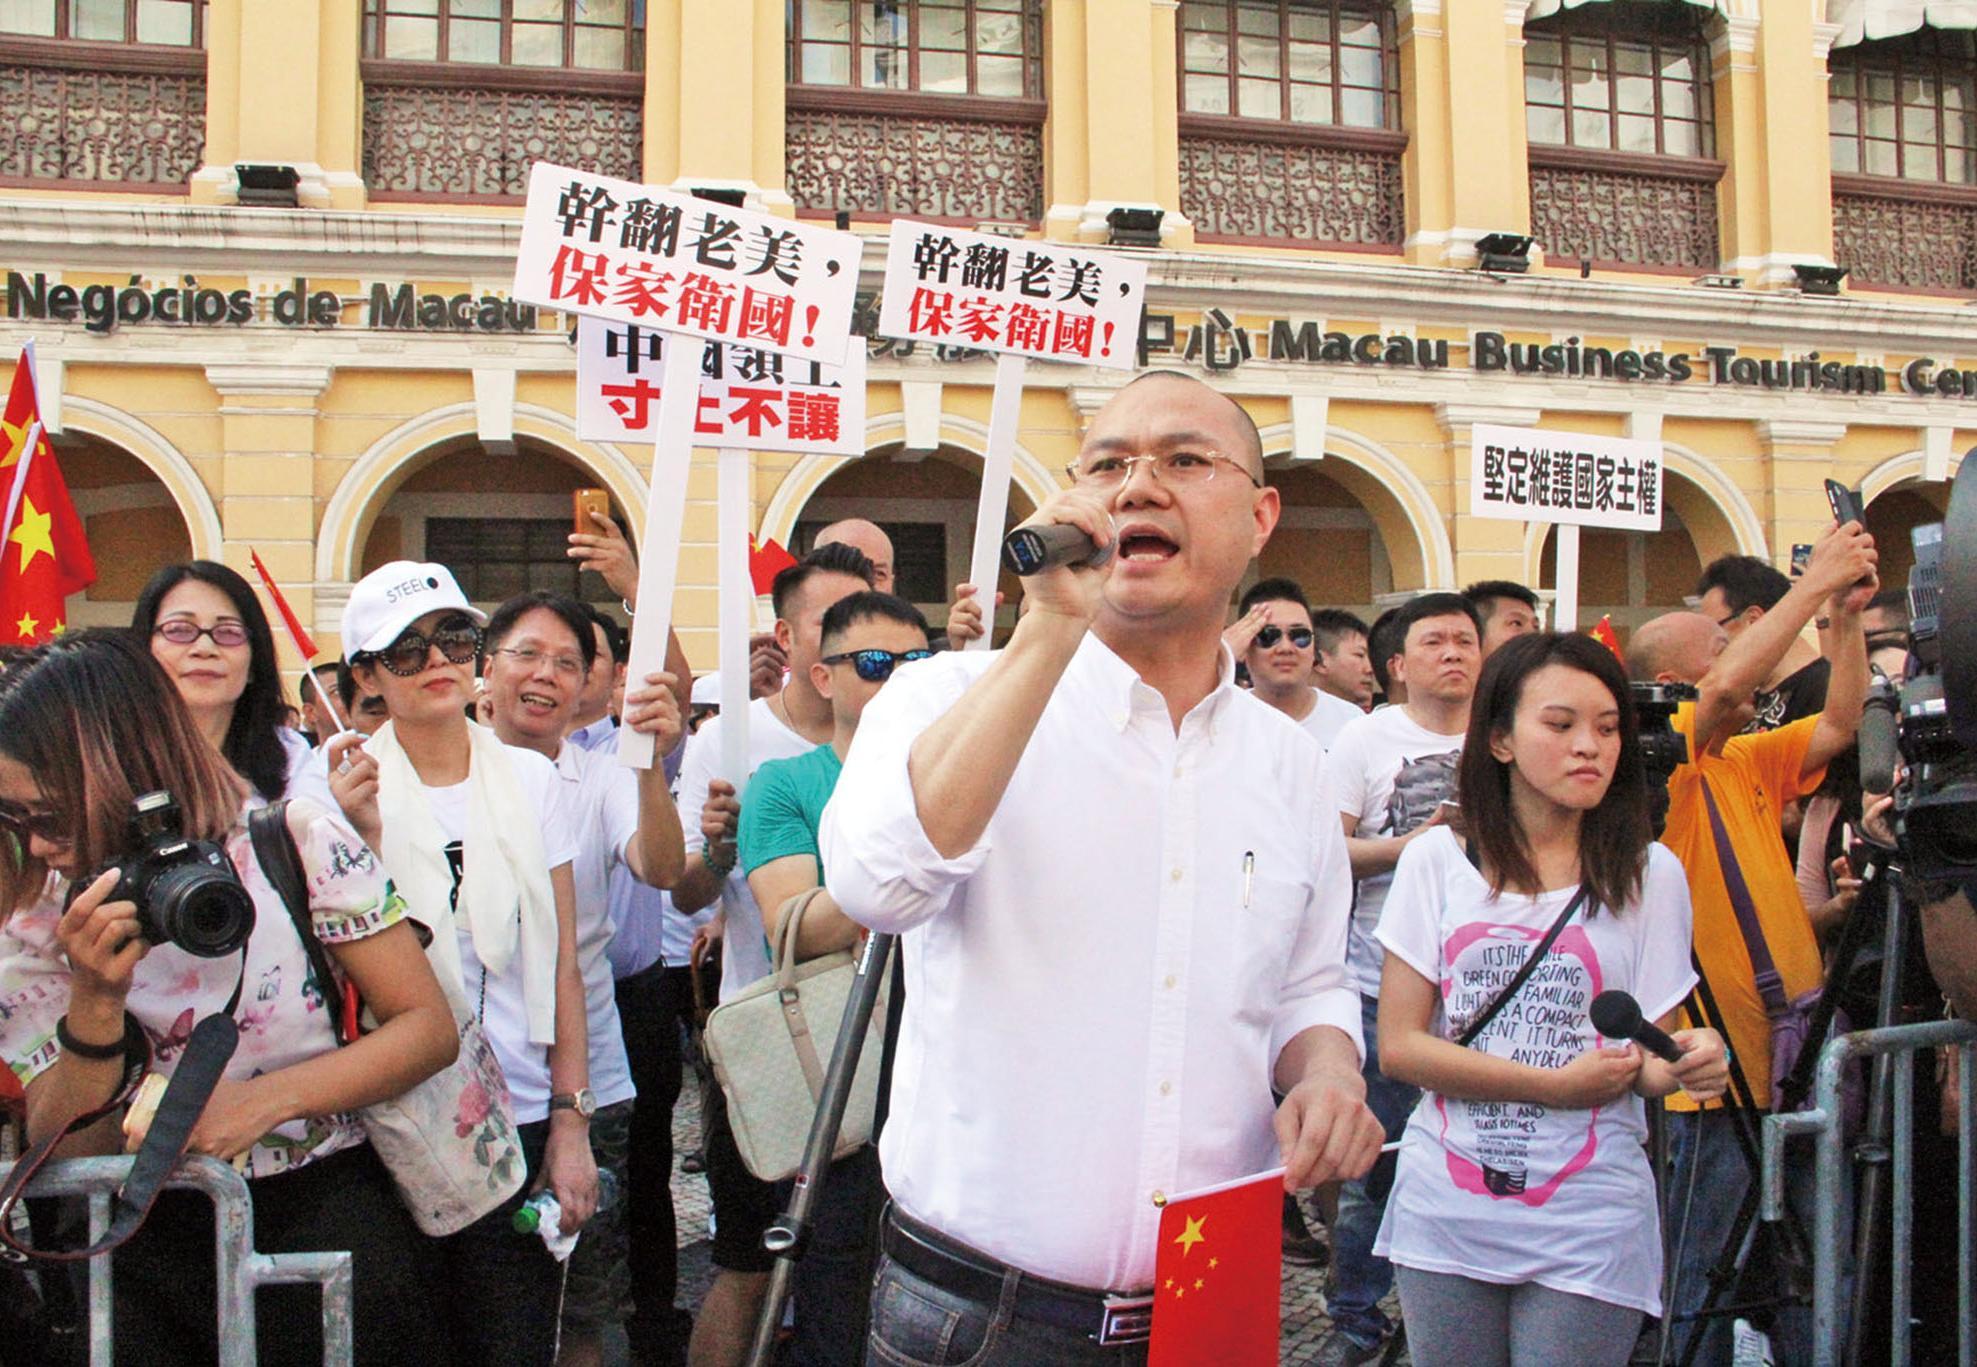 同聲抗議南海仲裁案